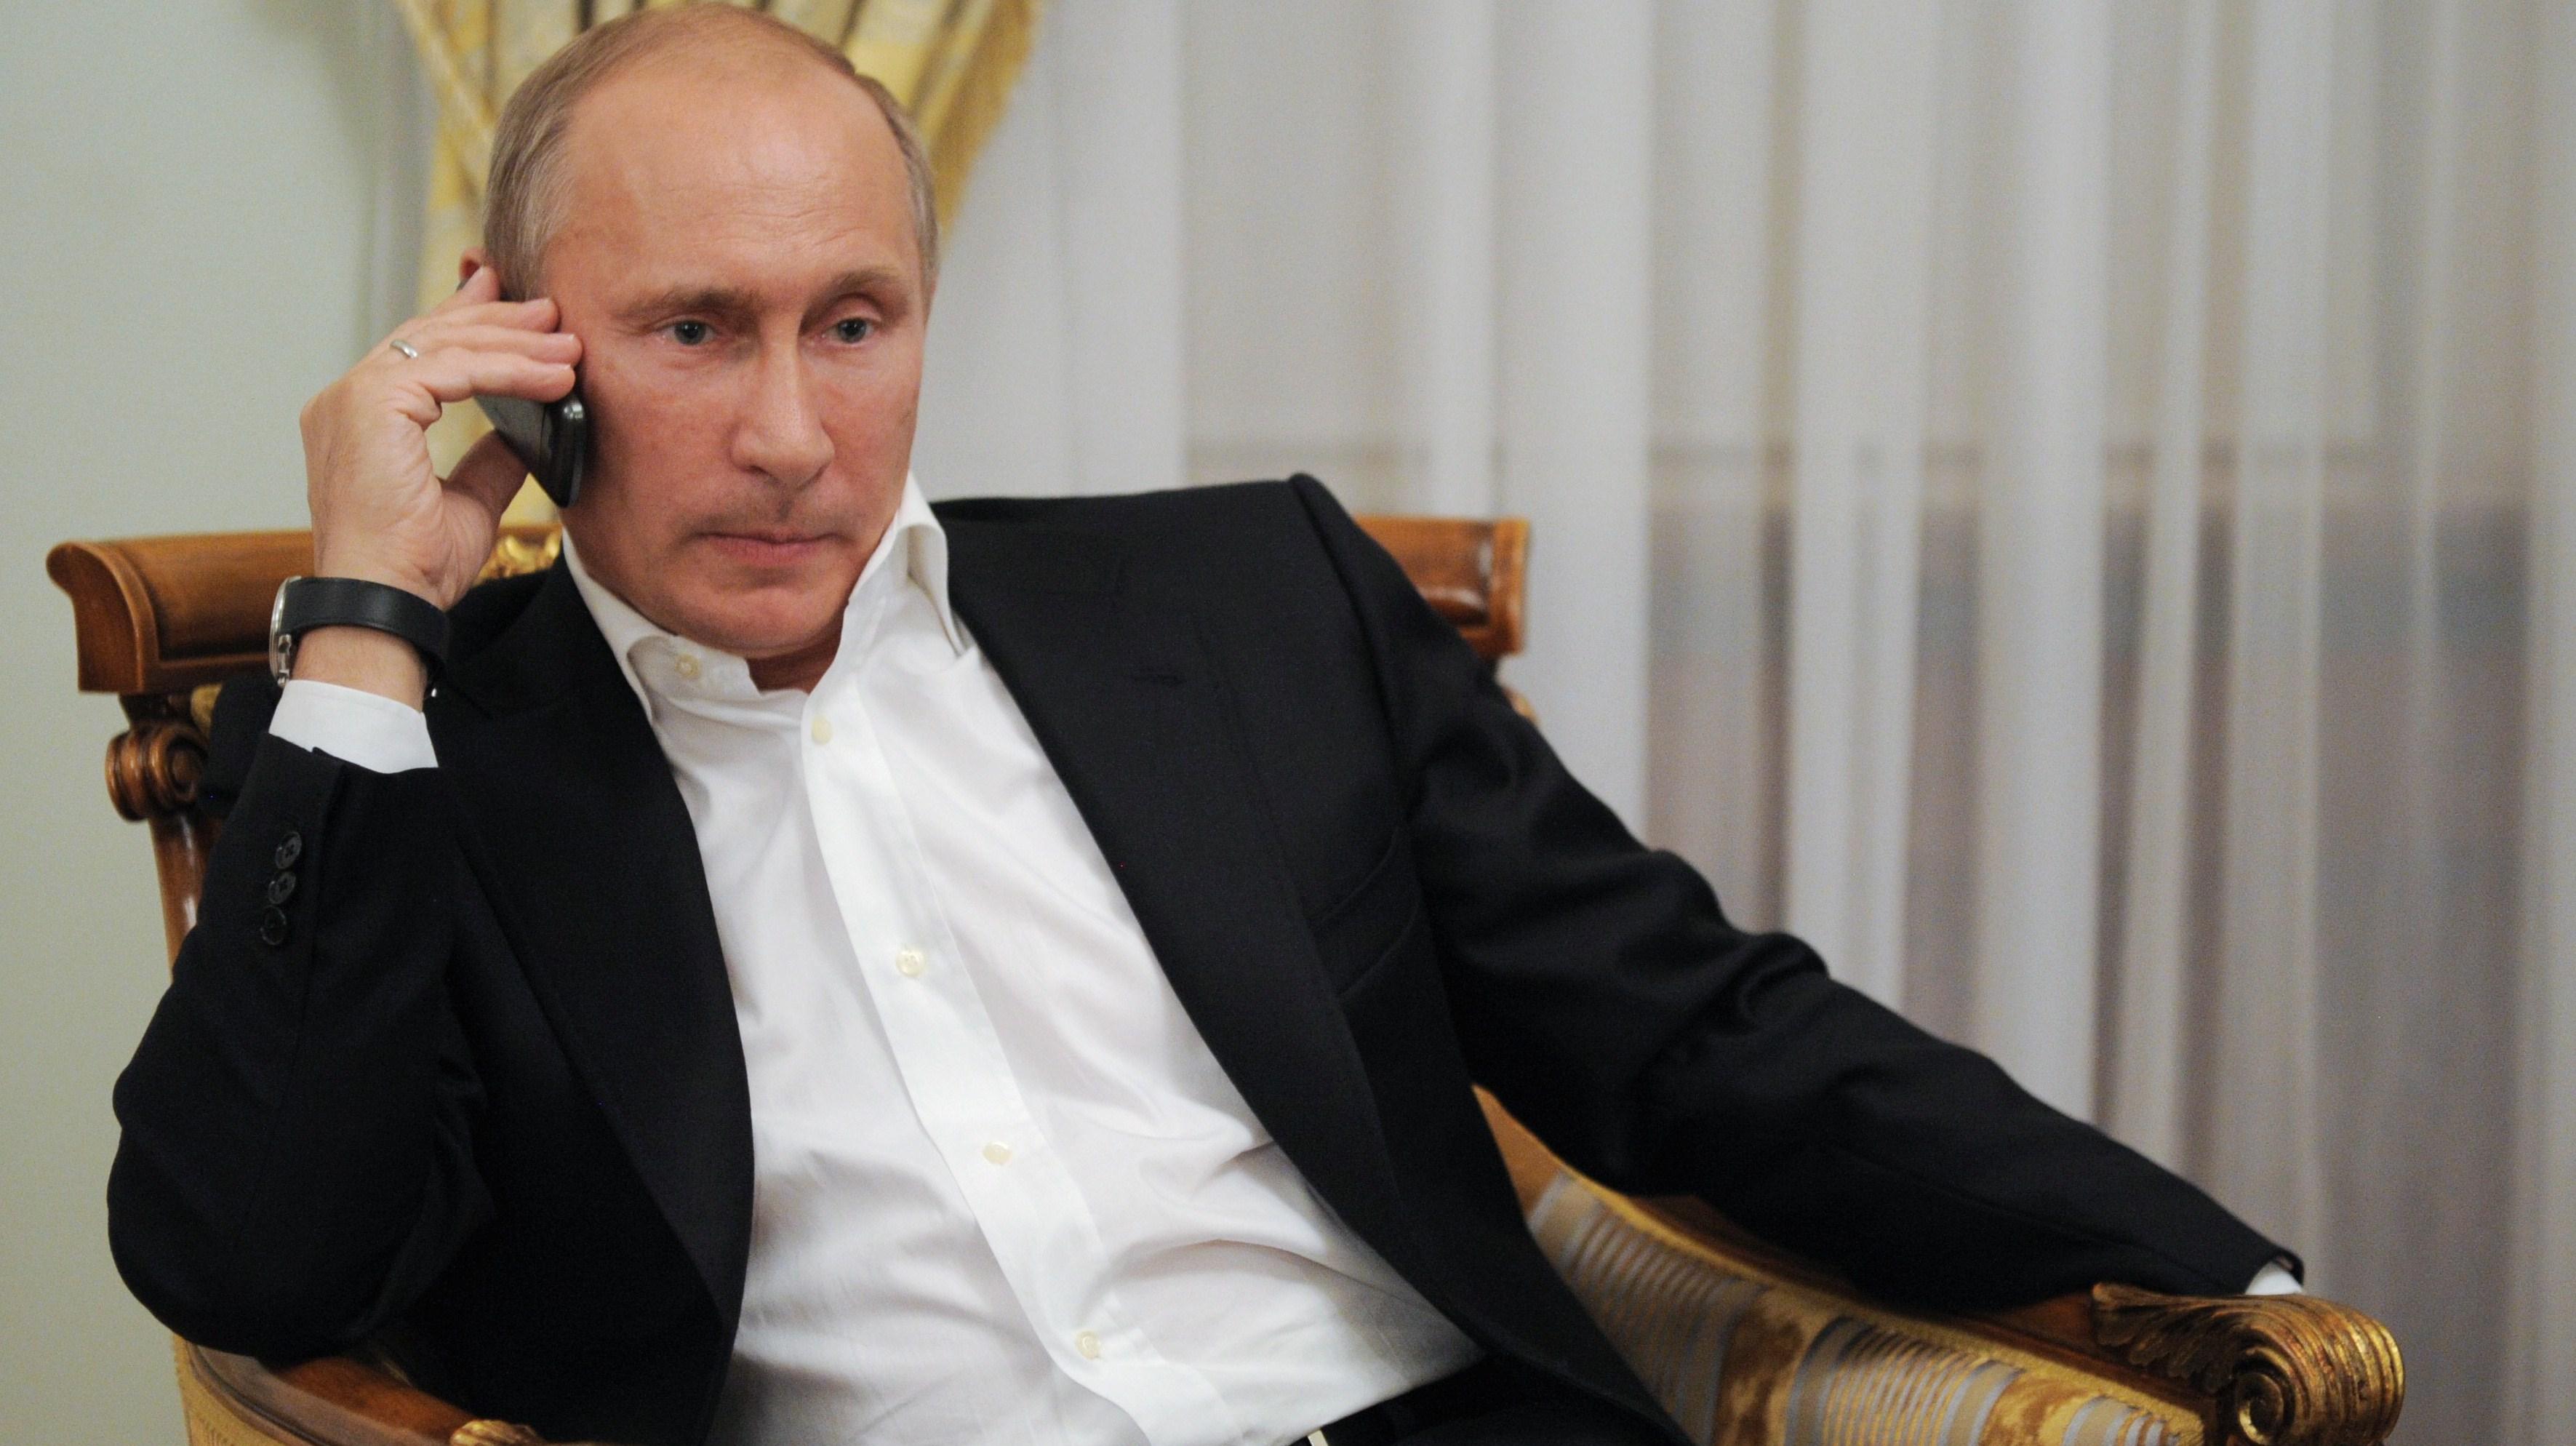 Гіркін тягне за собою Путіна у Гаазький трибунал  (Відео)